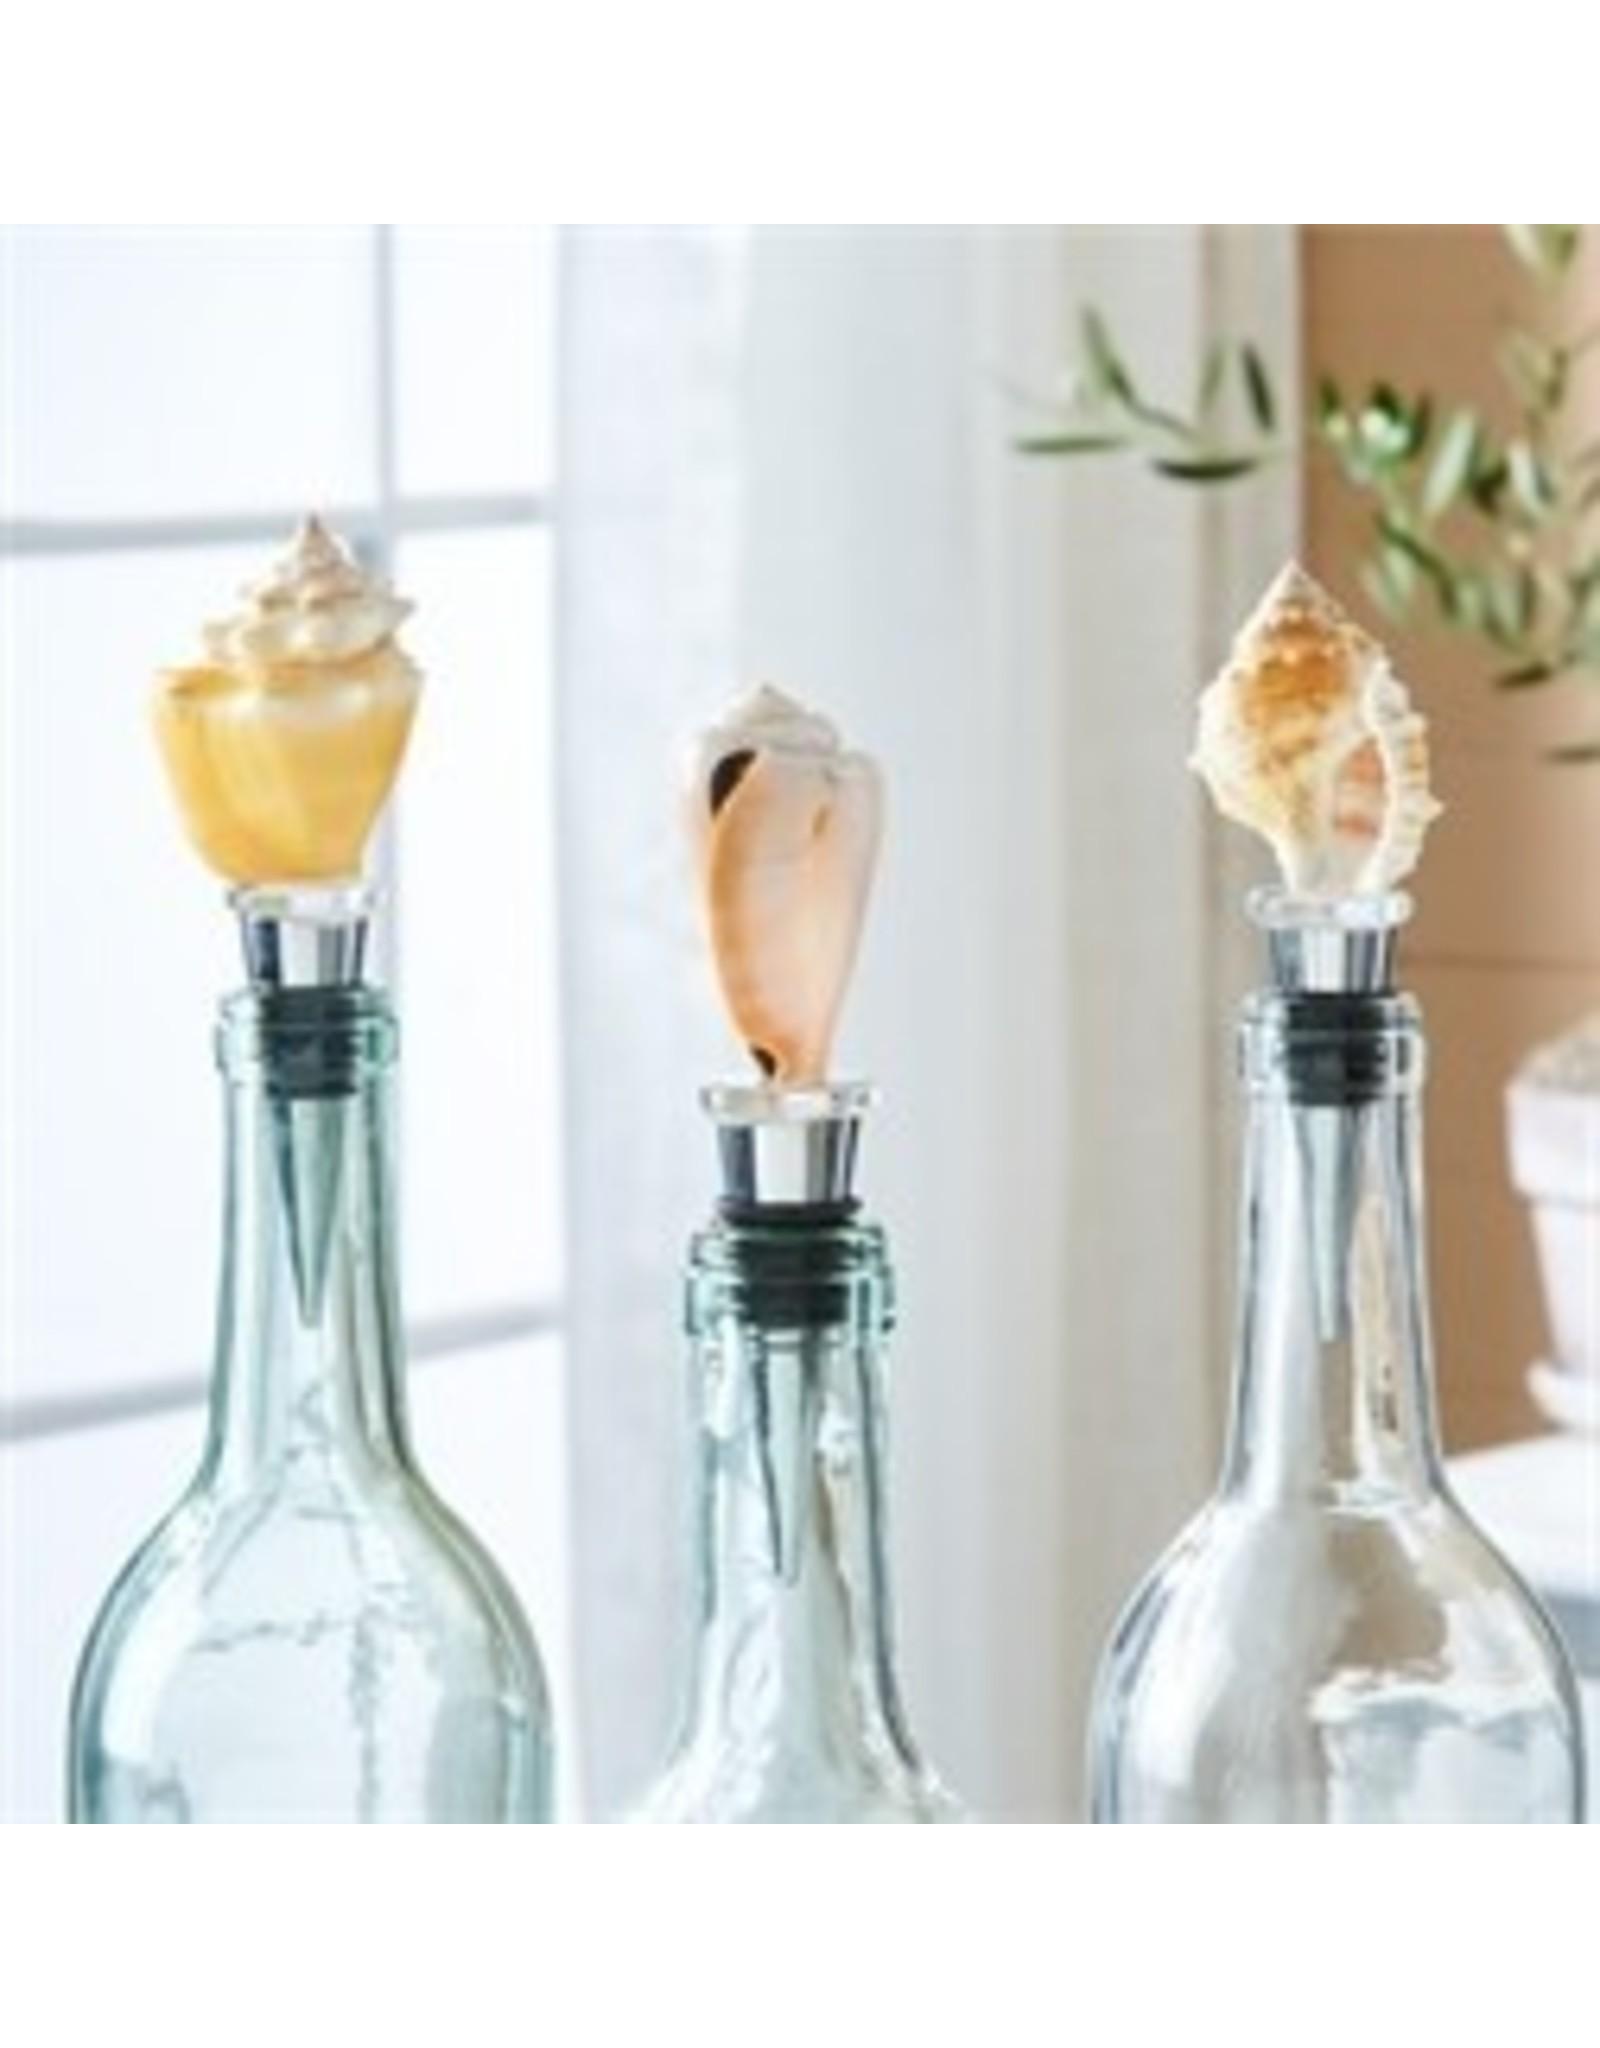 Shell Bottle Stopper Gift